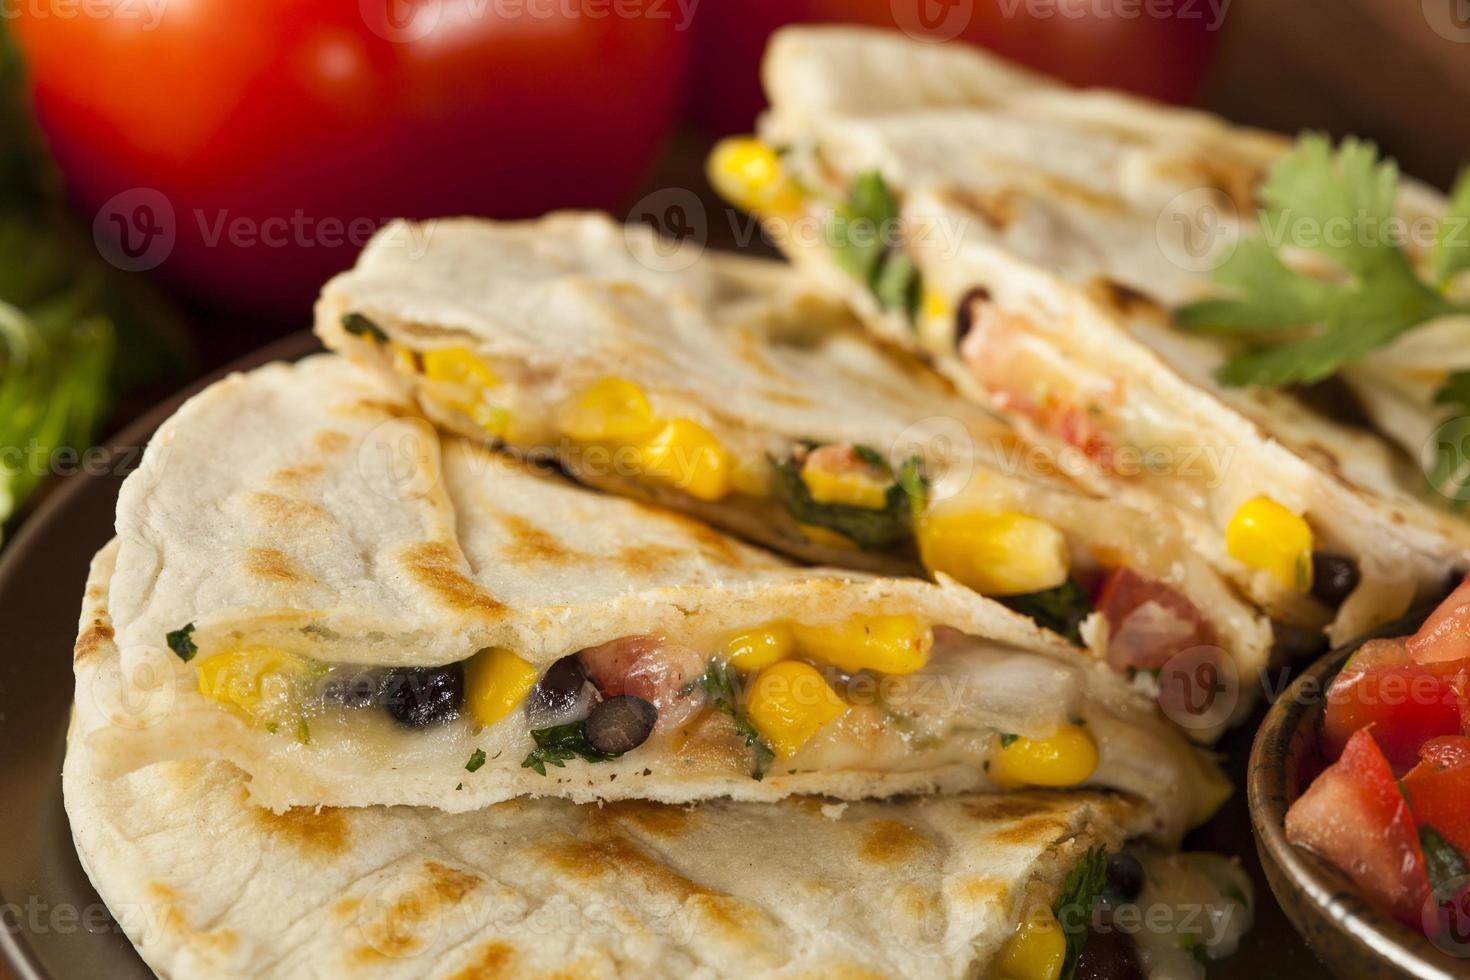 vers gemaakte quesadilla's met maïs en bonen foto